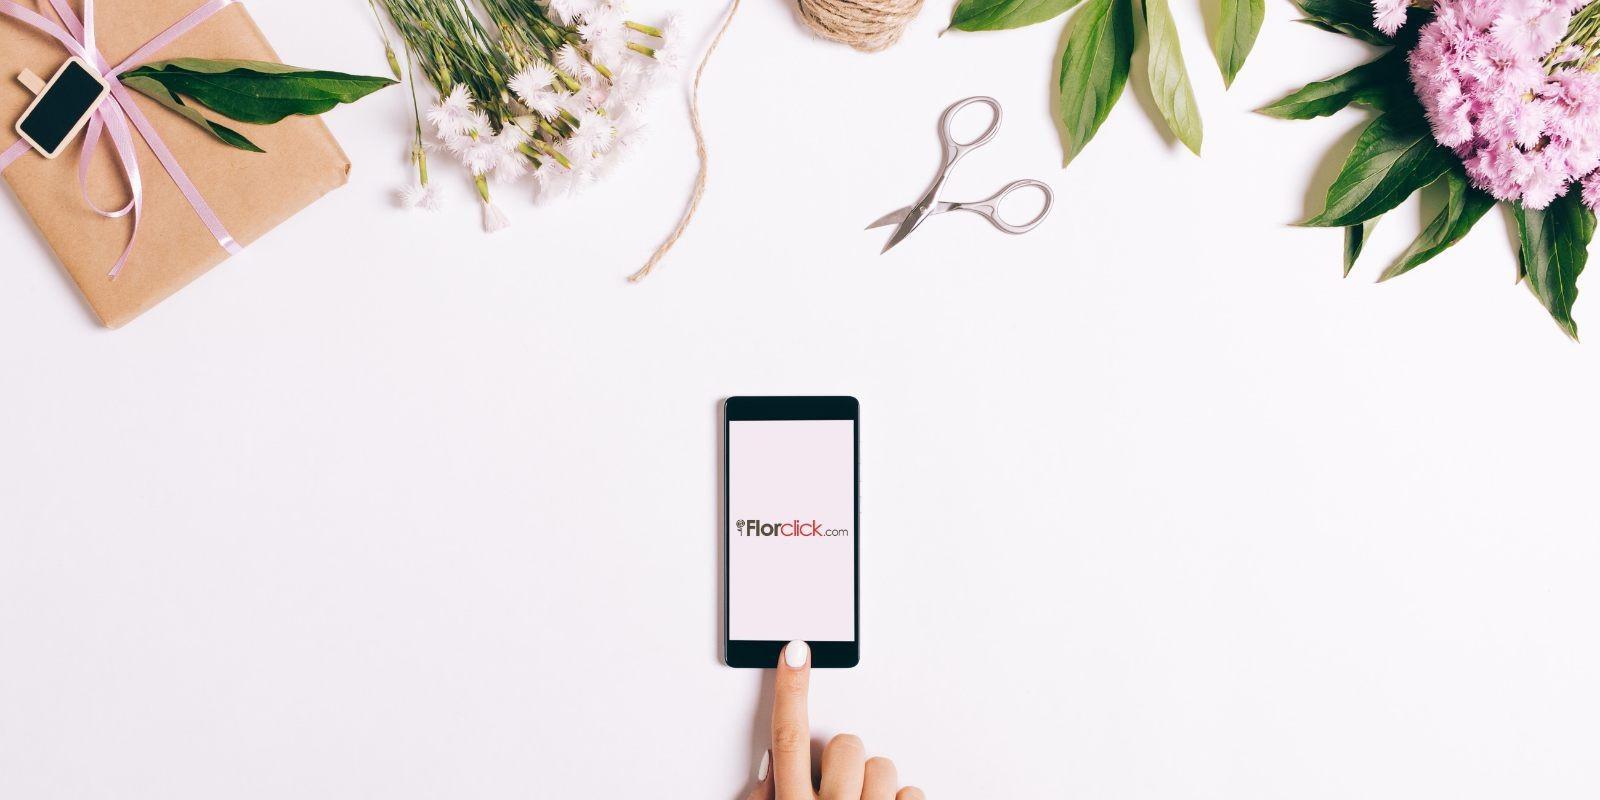 Las ventajas de contar con una floristería online